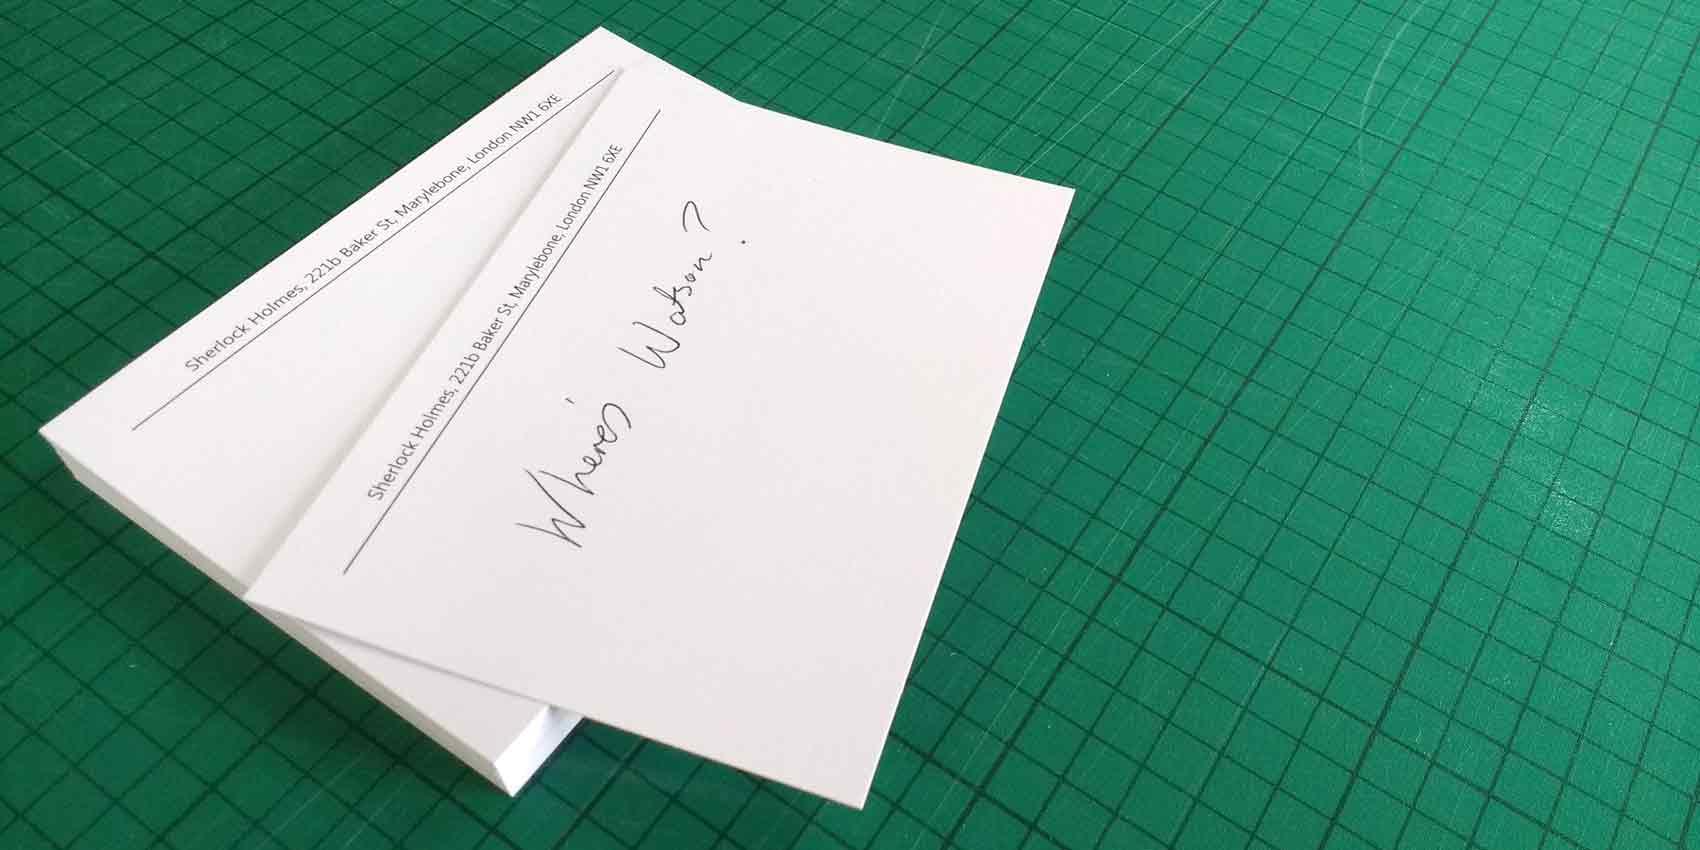 Headed Card Written On